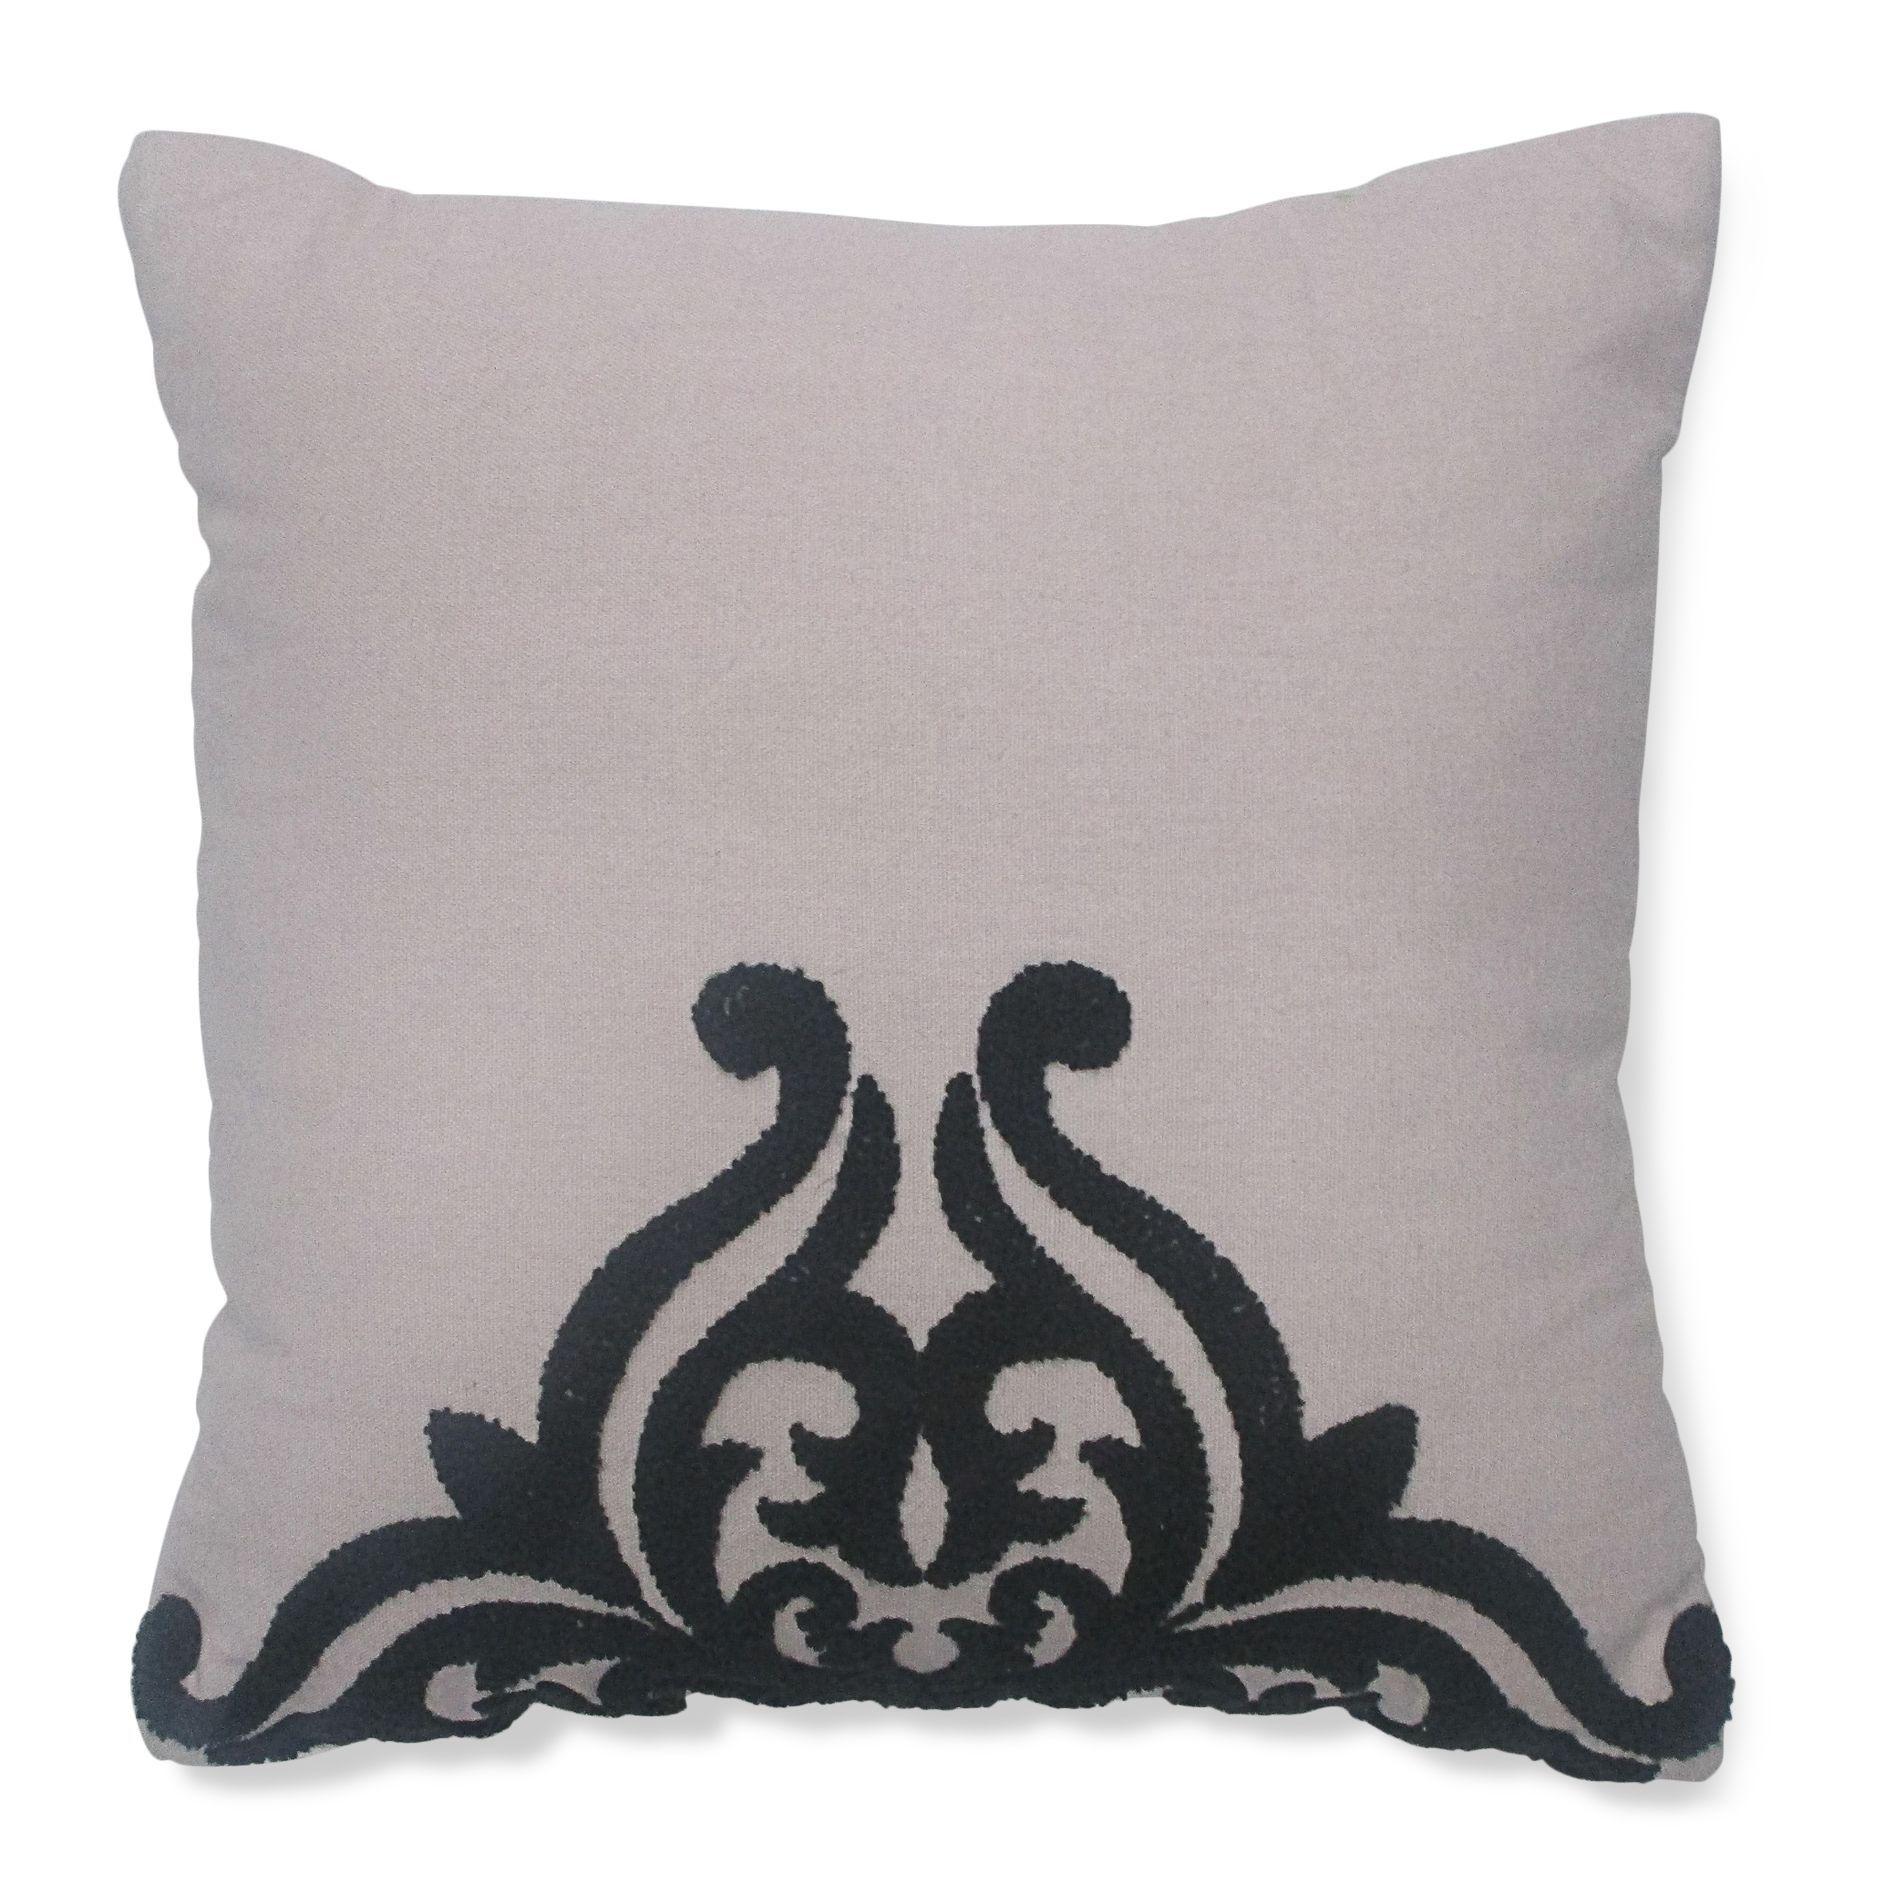 Surprising useful ideas white decorative pillows navy blue unique